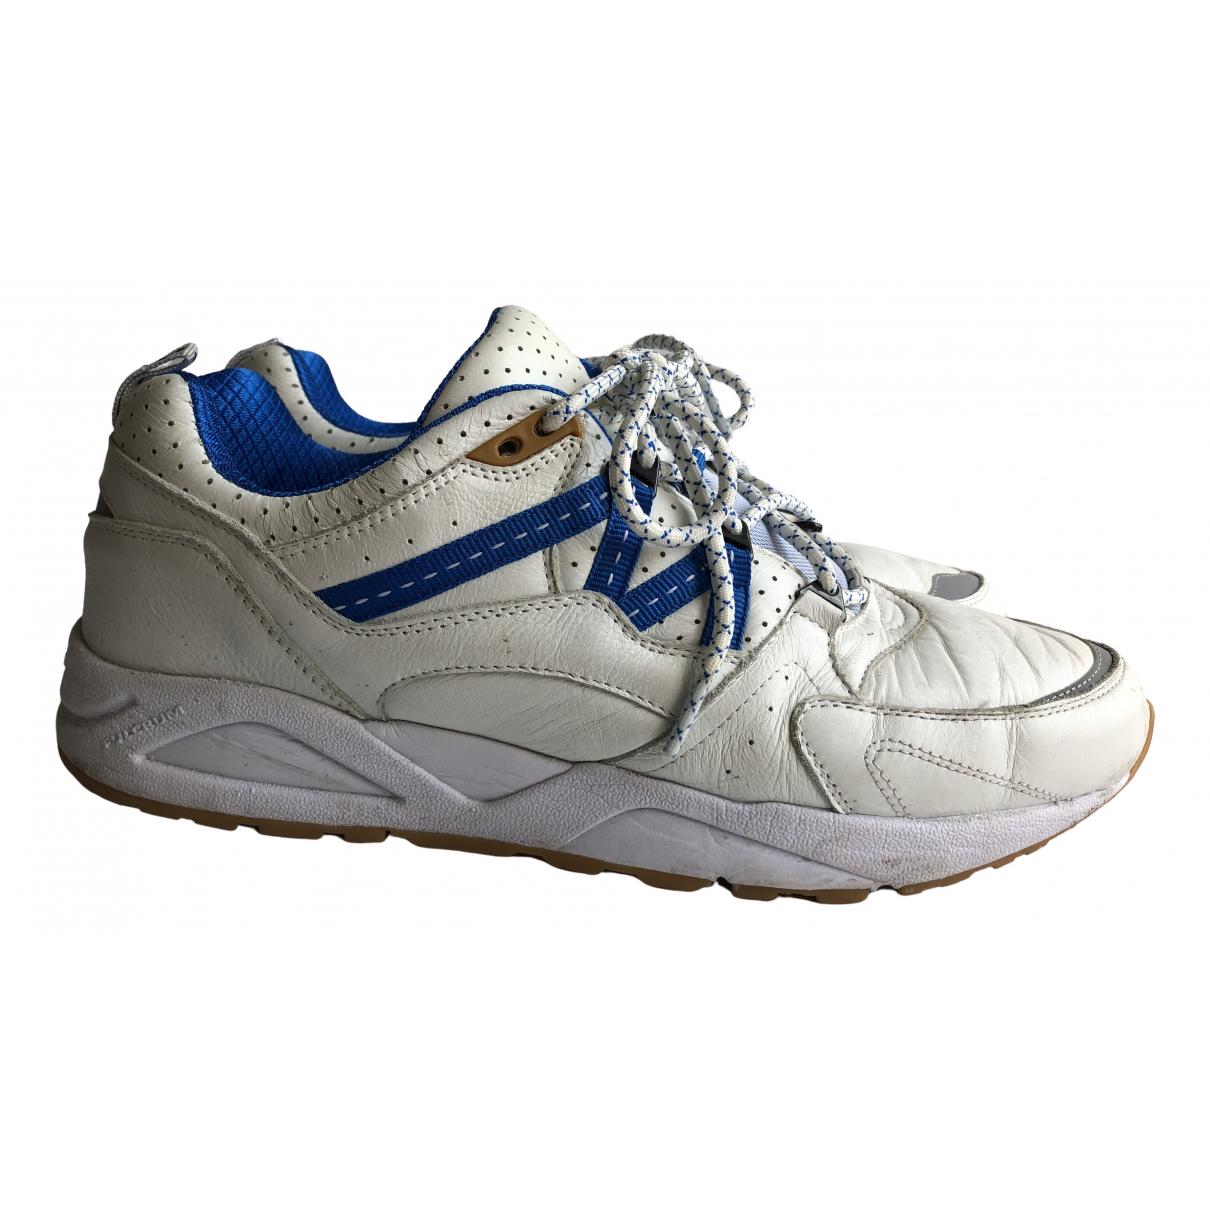 Karhu \N Sneakers in  Weiss Leder